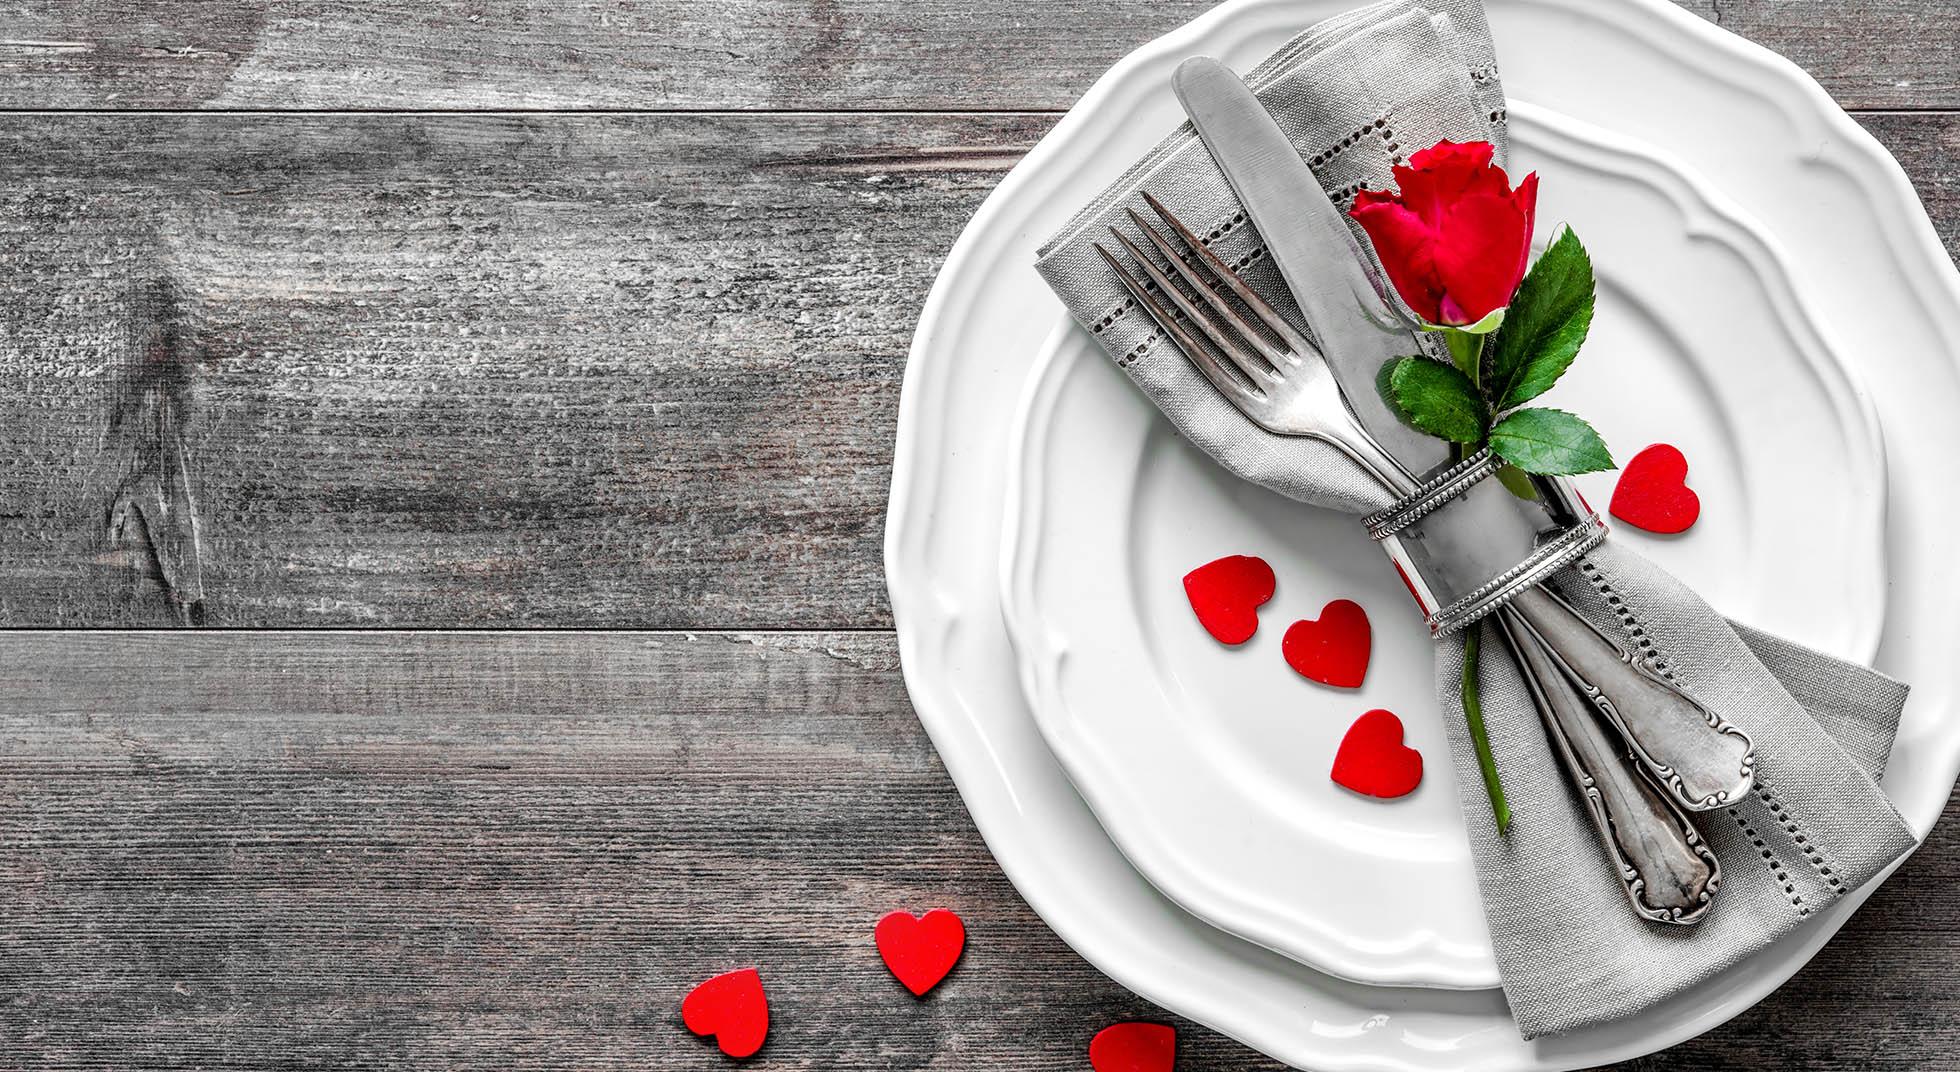 Come apparecchiare la tavola per san valentino tutte le idee aia food - Idee tavola san valentino ...